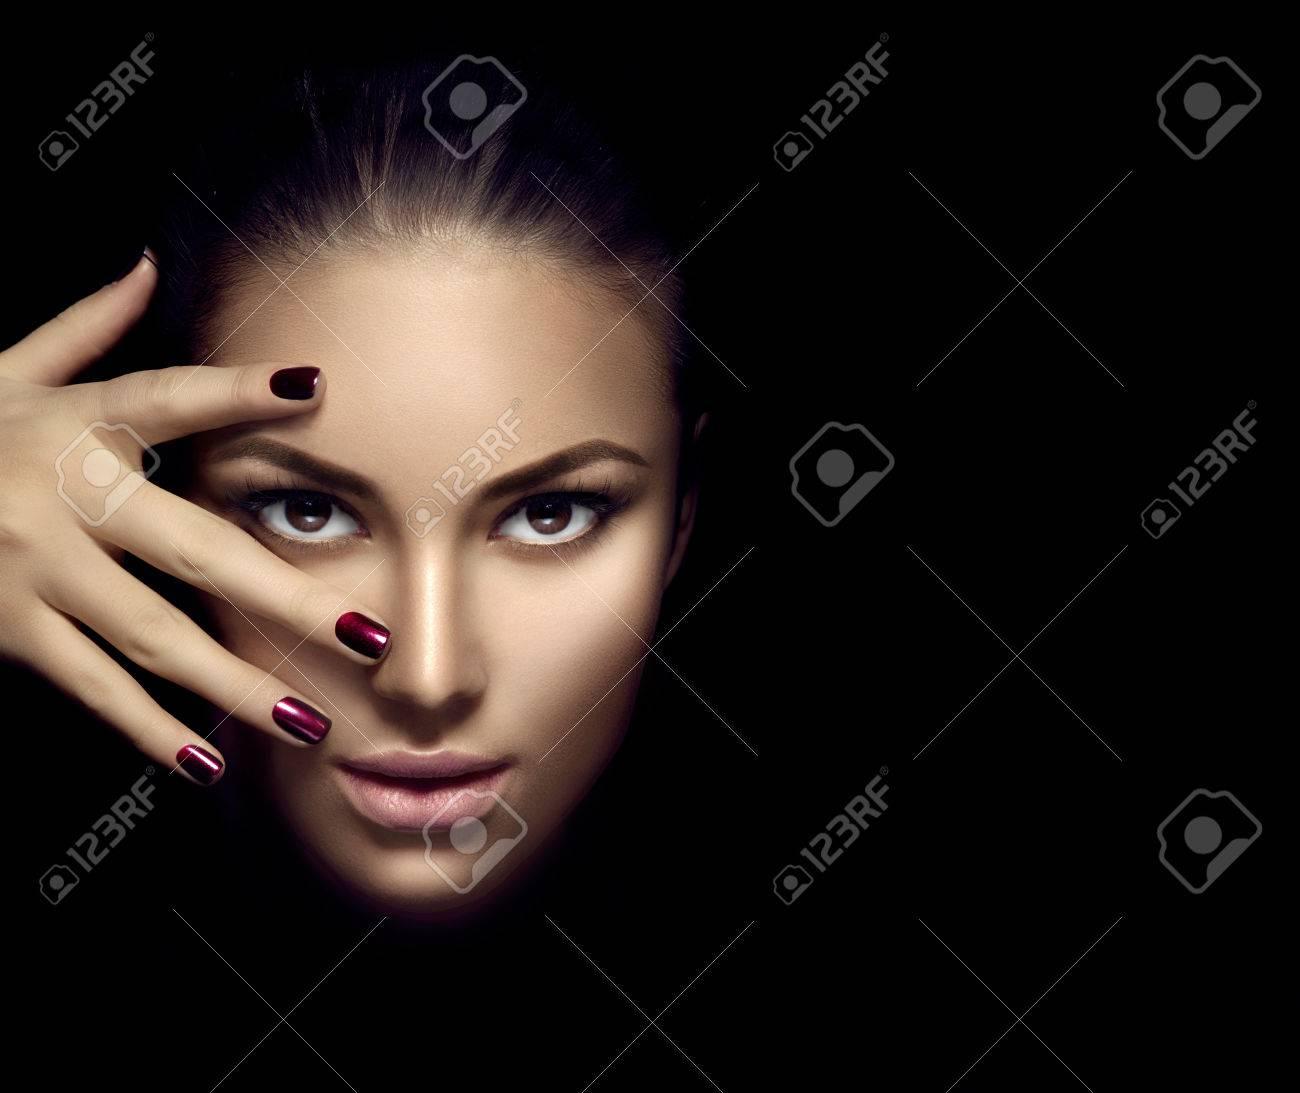 Modèle de mode de visage de fille, beauté femme maquillage et manucure sur fond sombre Banque d'images - 65640848